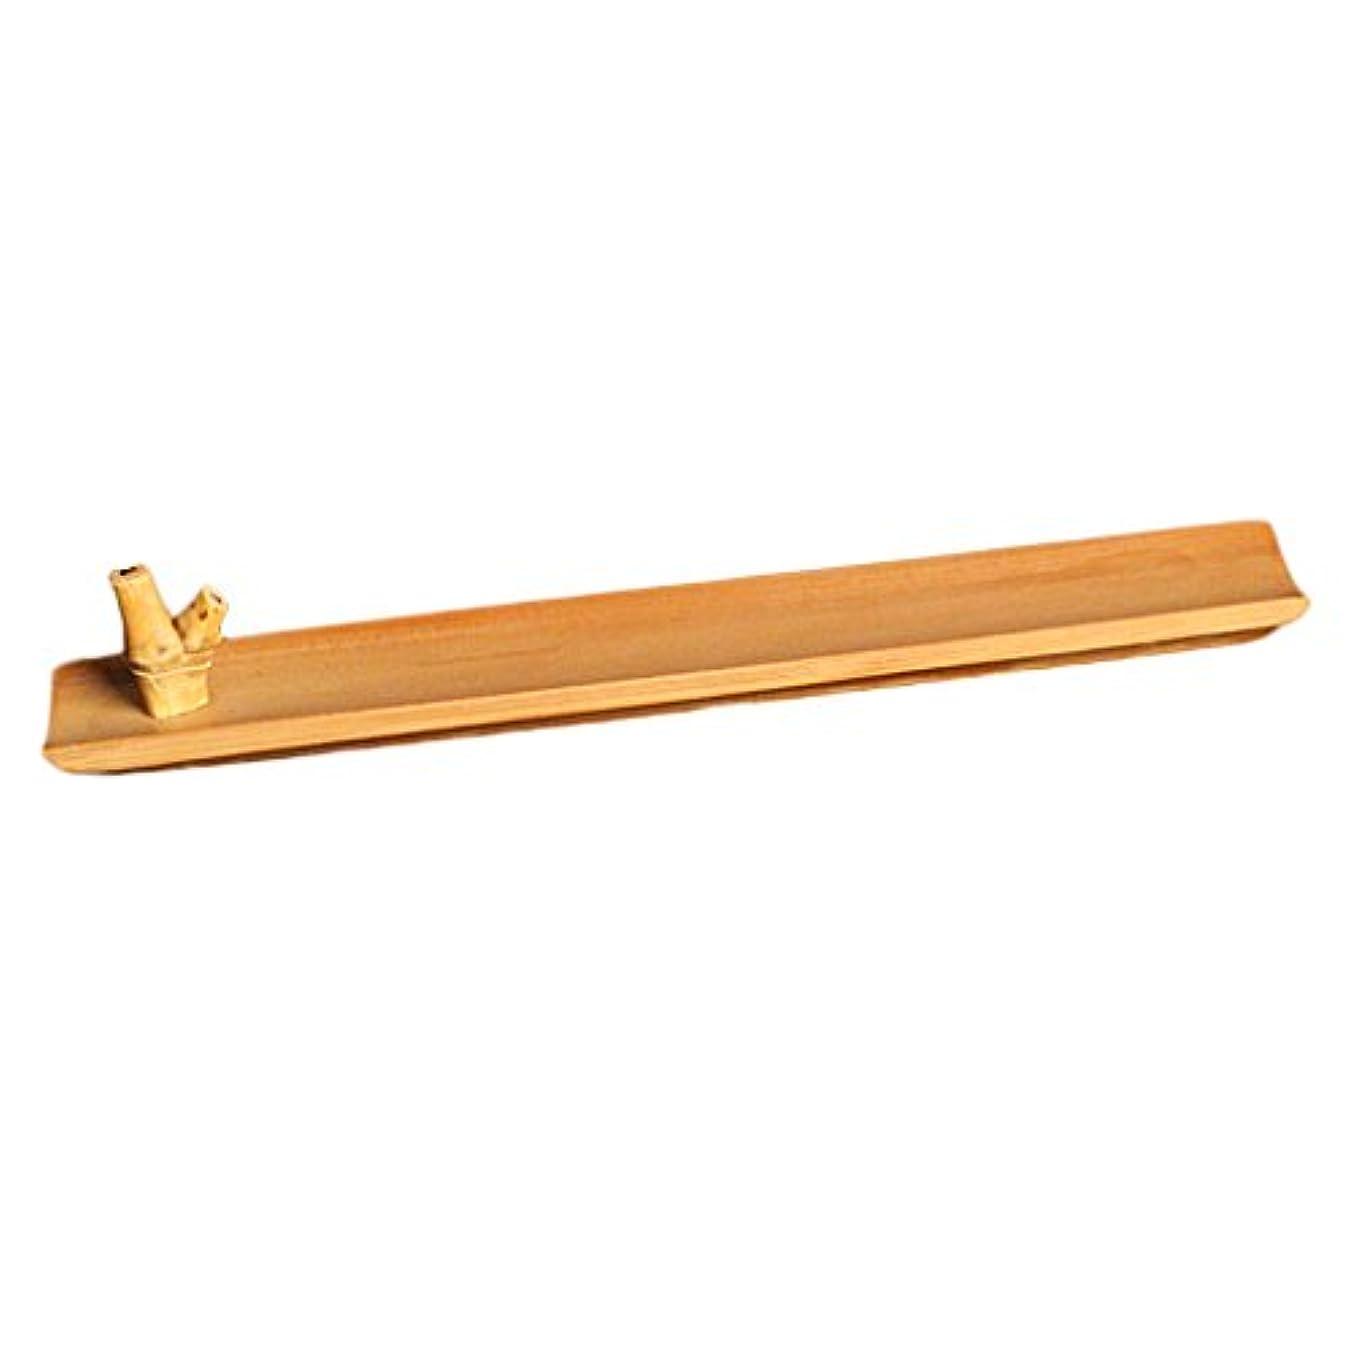 制限されたボイラー竹 お香立て スティック 香 ホルダー バーナースティック ブラウン 手作り 工芸品 24センチメートル